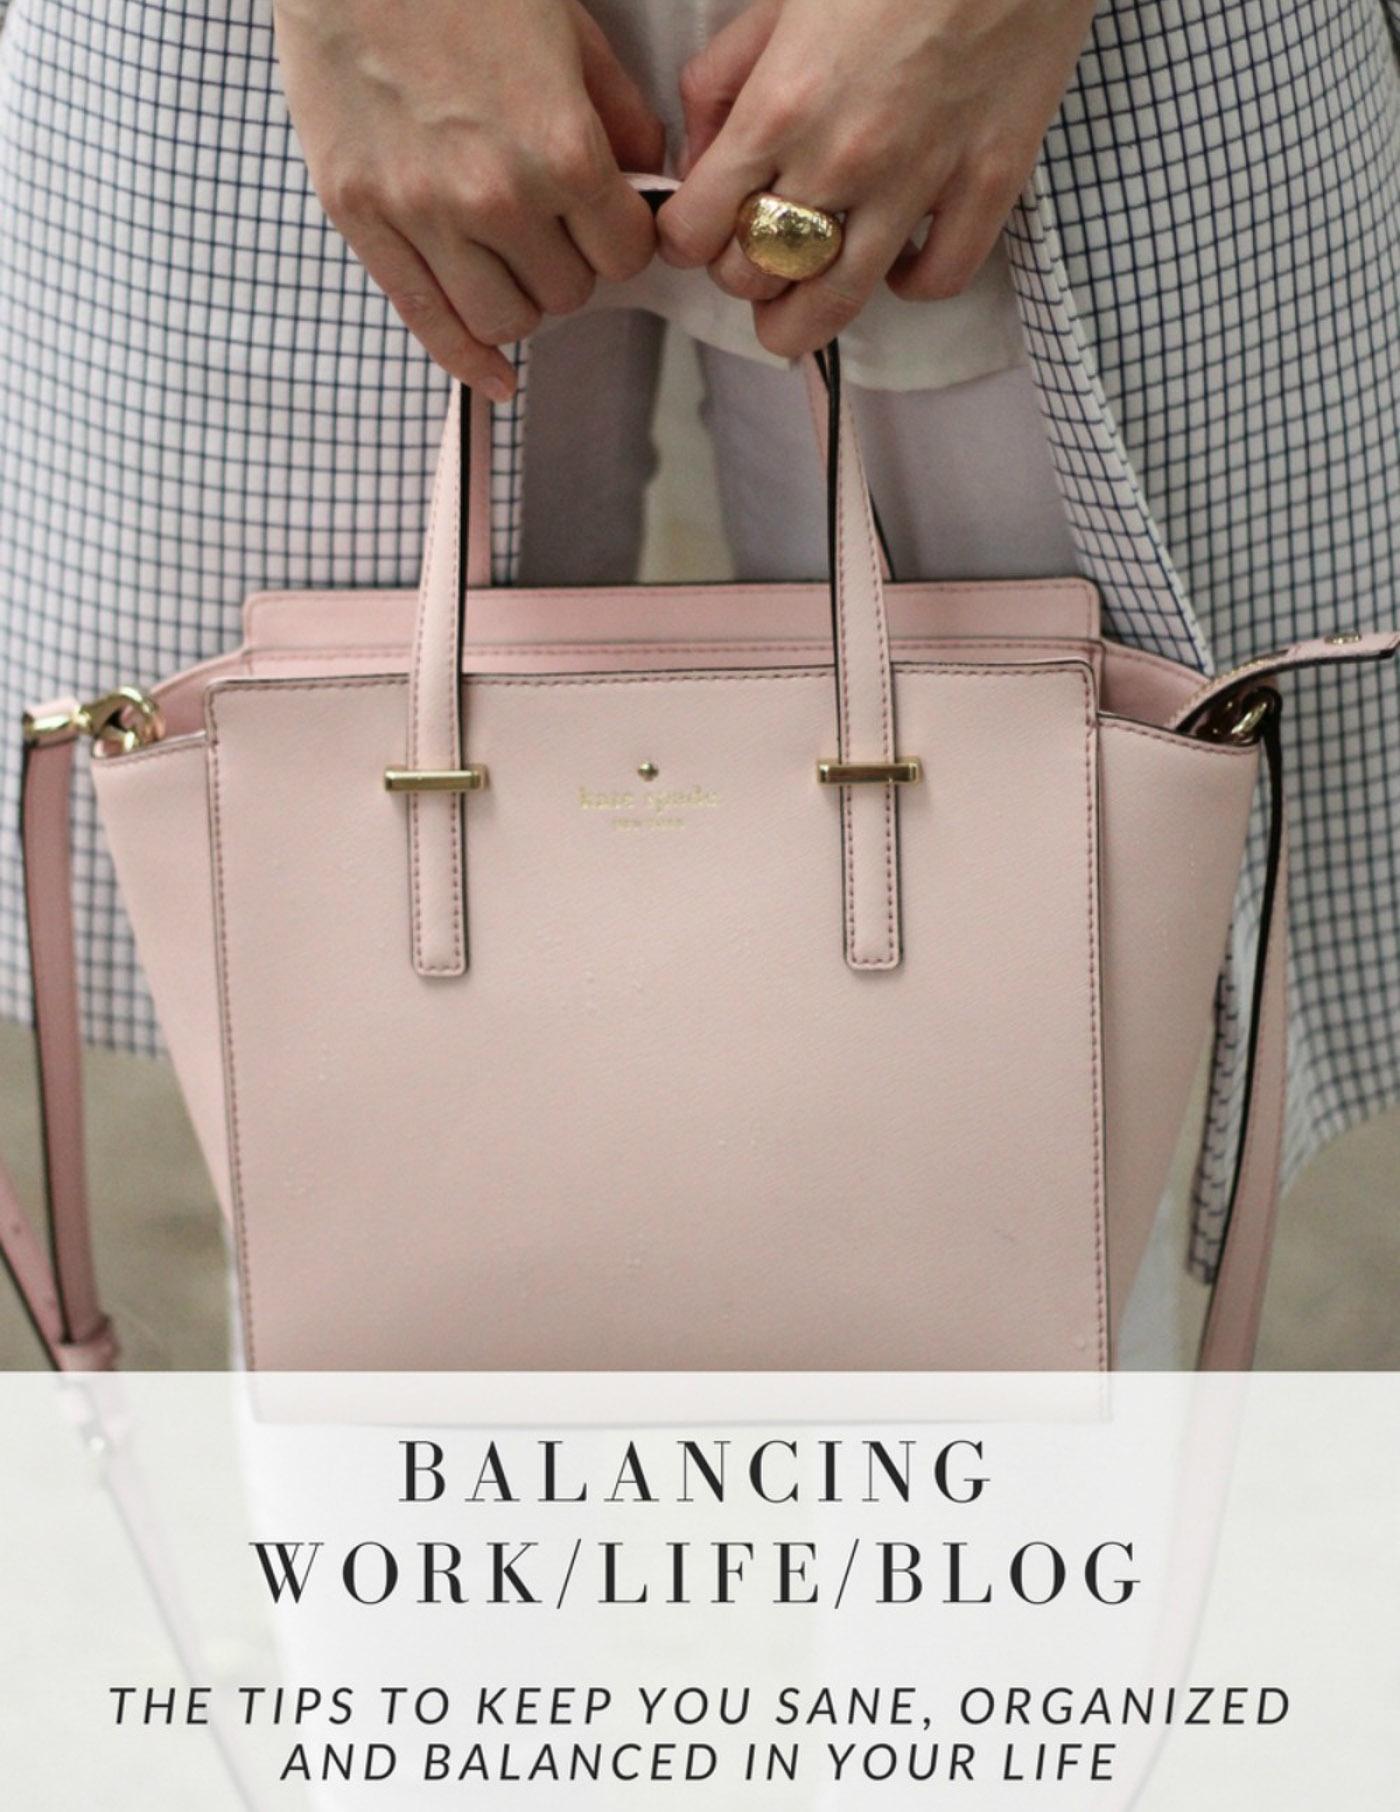 Balancing work life and your blog